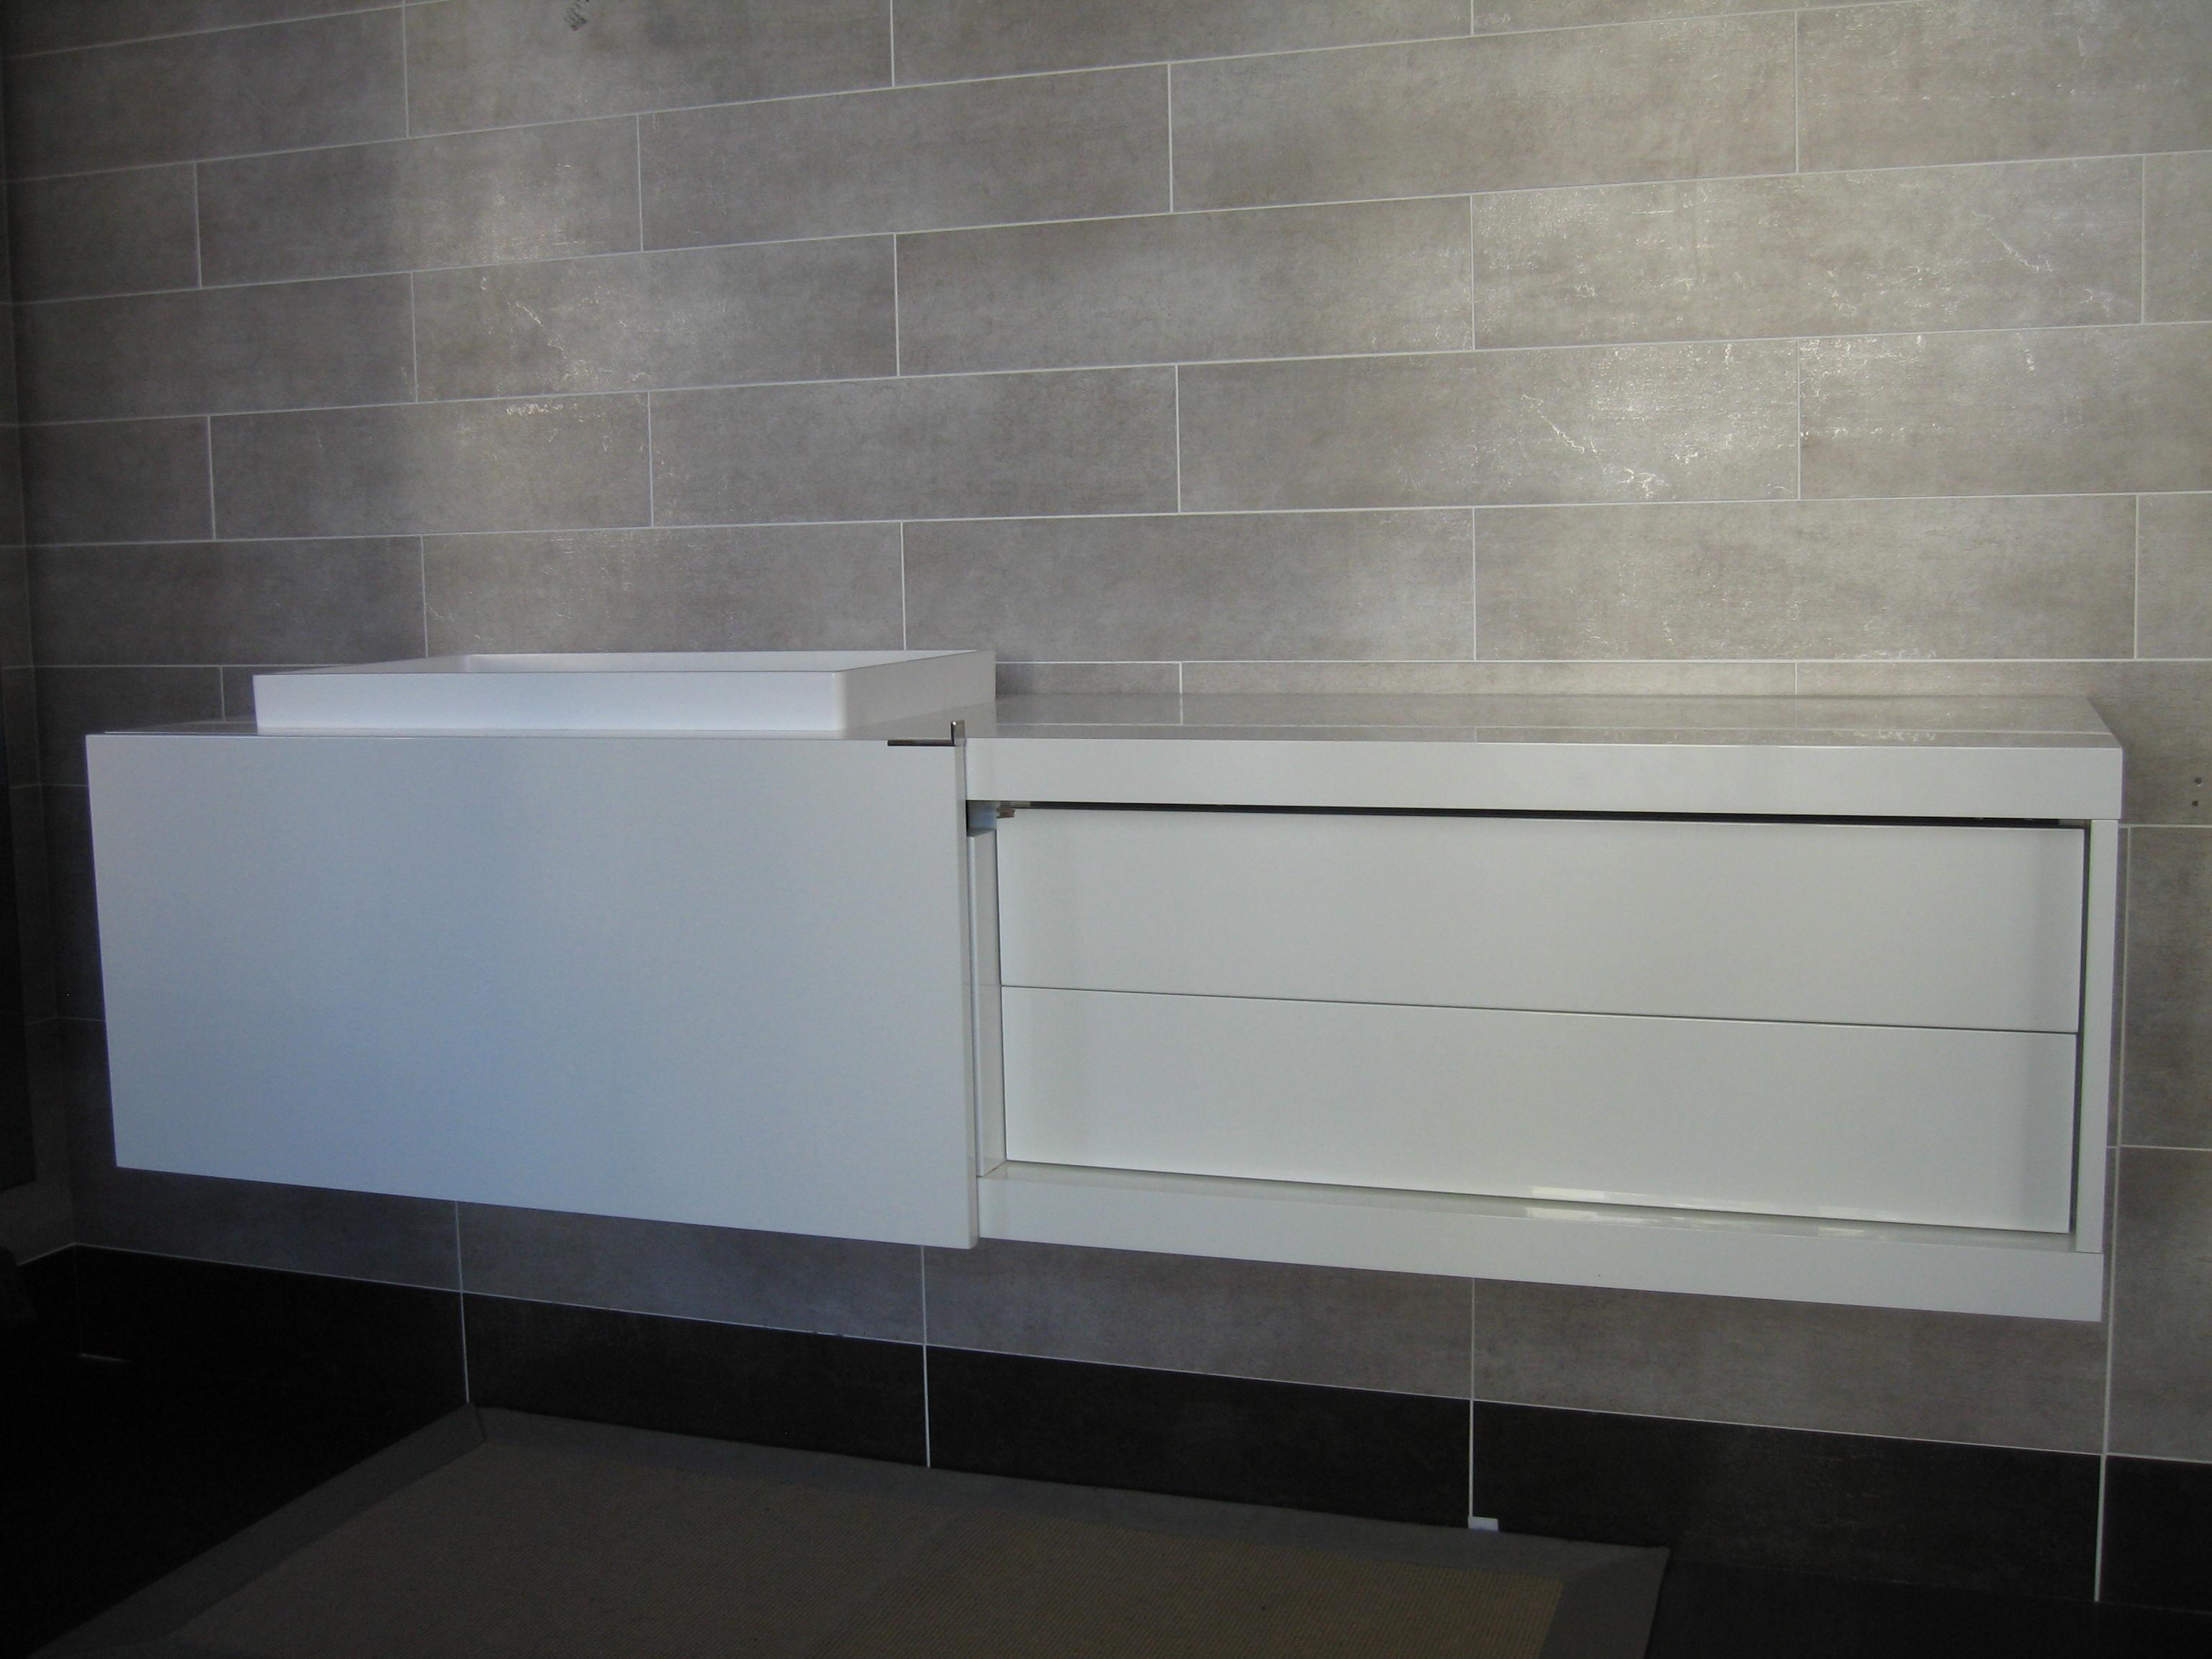 Mobile bagno in offerta 13978 arredo bagno a prezzi scontati for Mobili minimal home